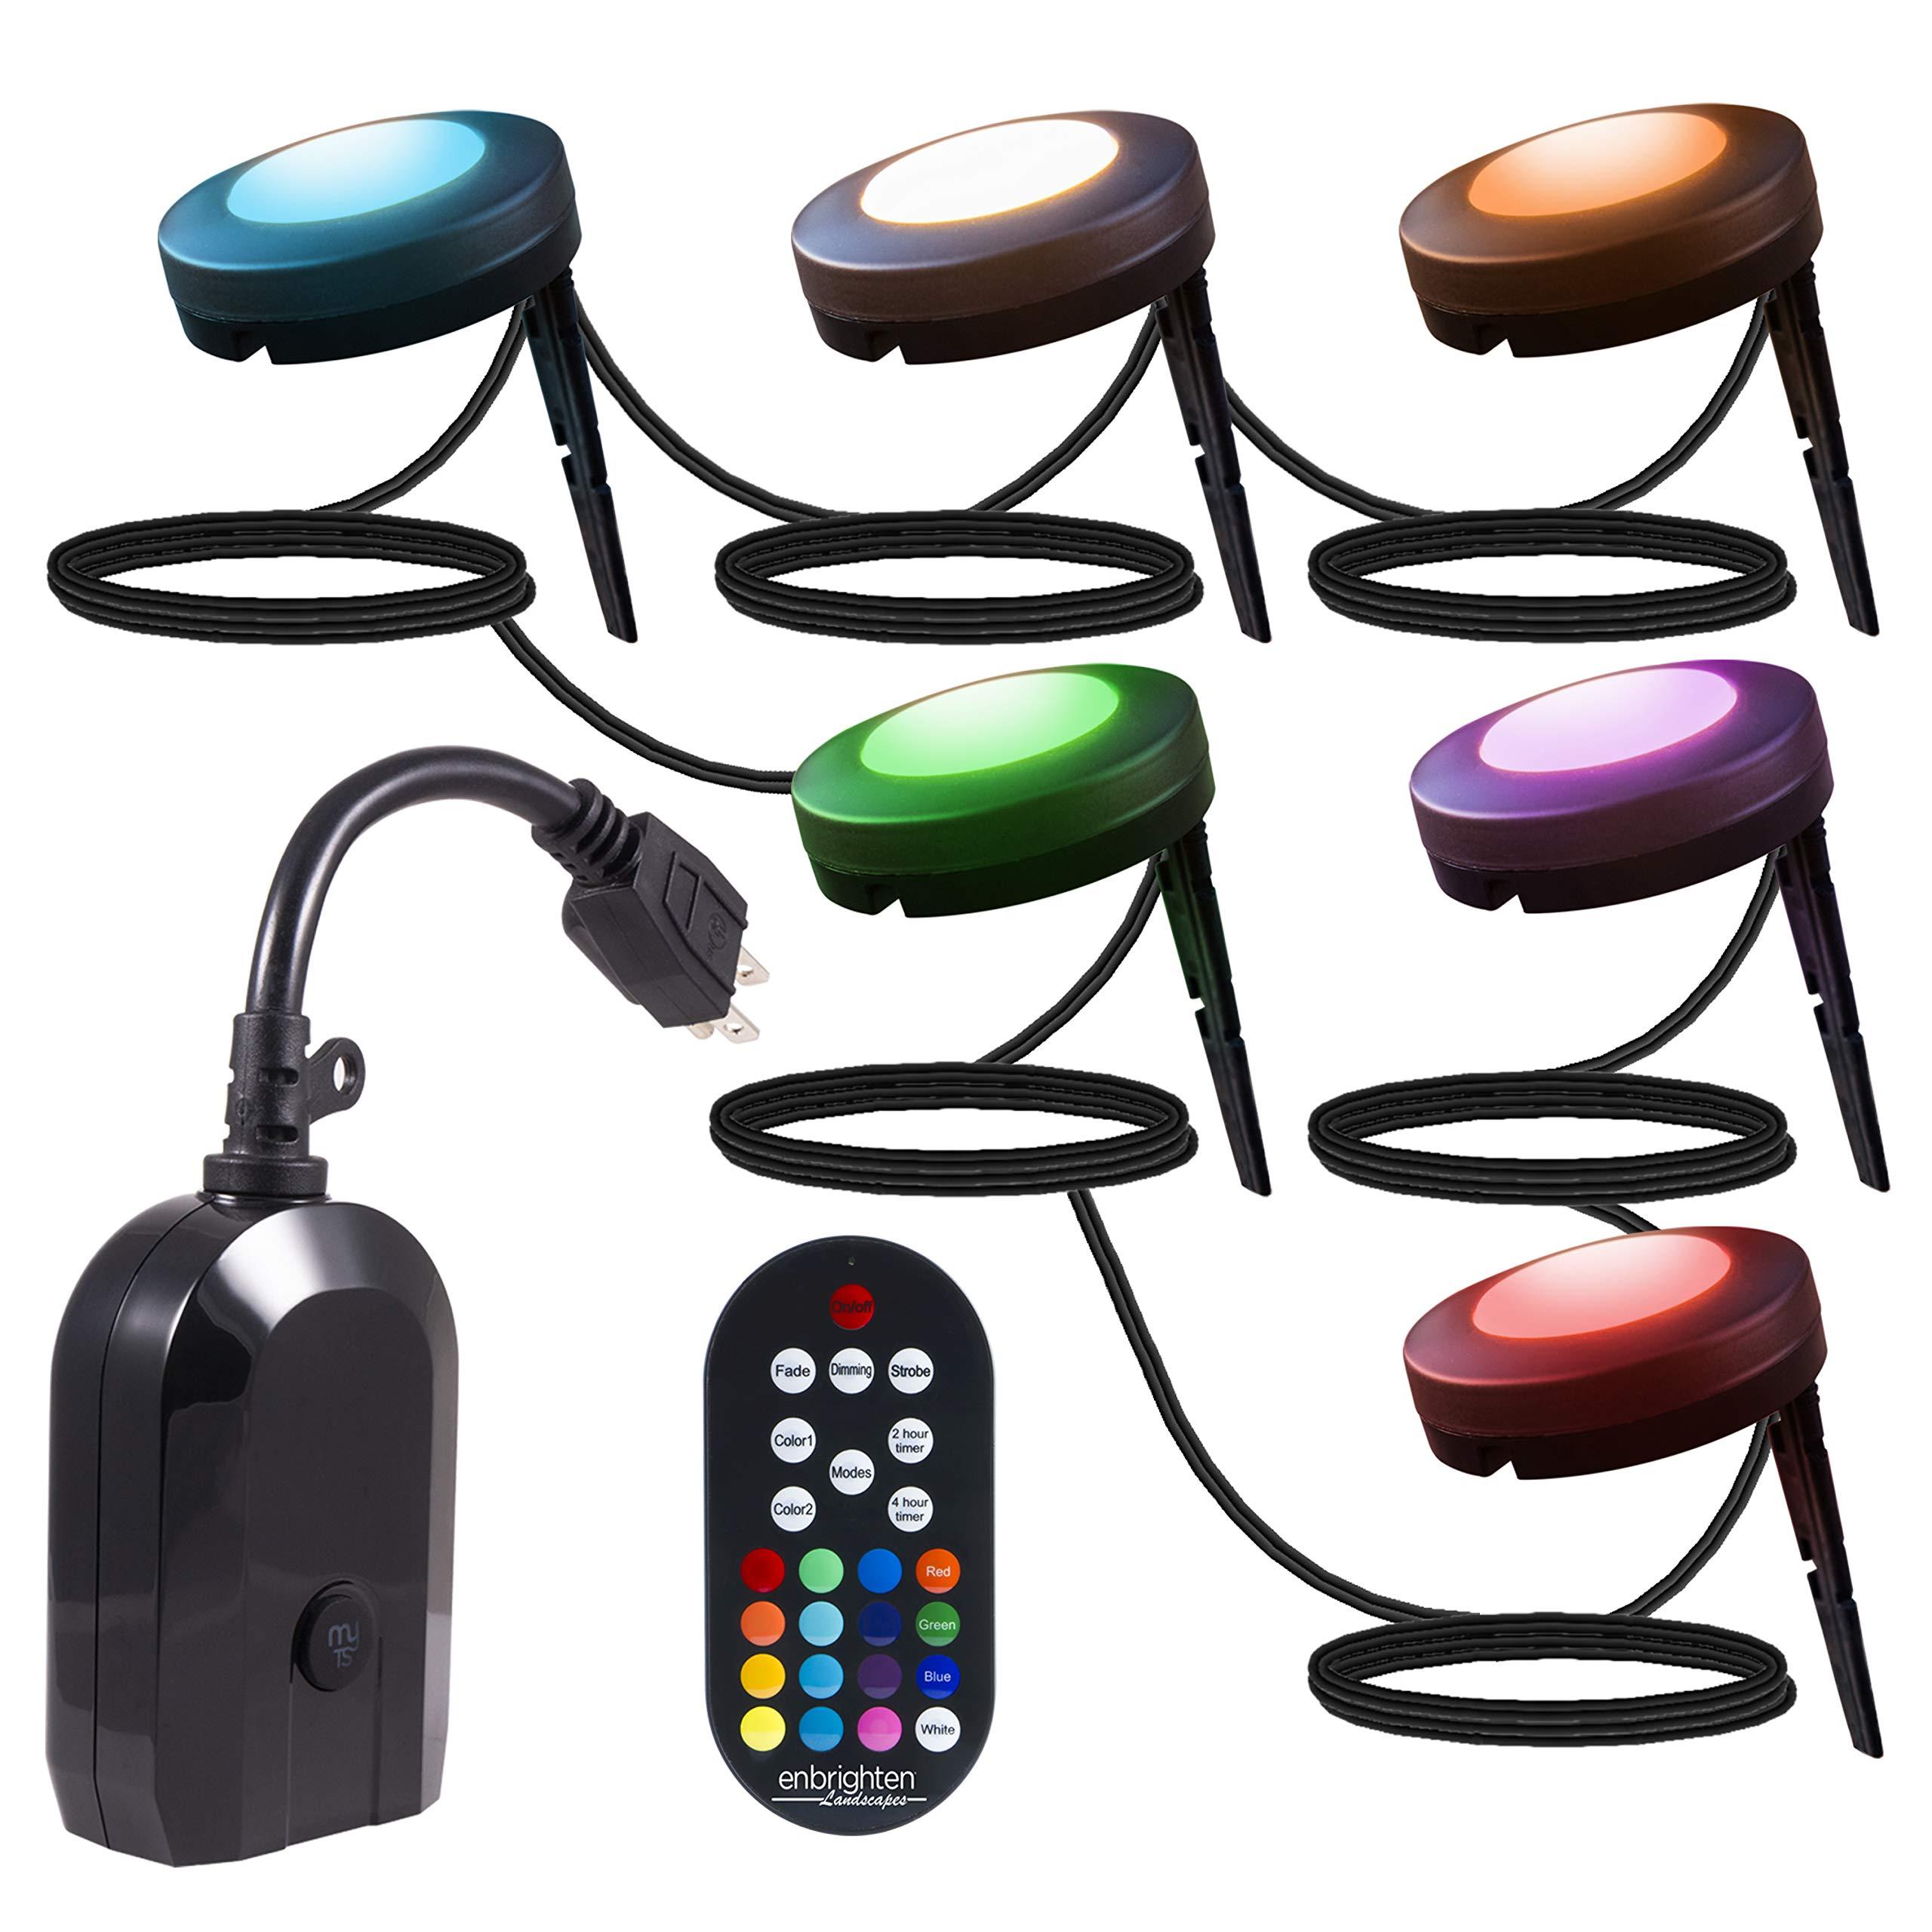 Enbrighten 45063 Color Changing (50ft. 6 Puck) WiFi Outdoor Landscape Lights Kit Seasons LED, 50 ft. Black